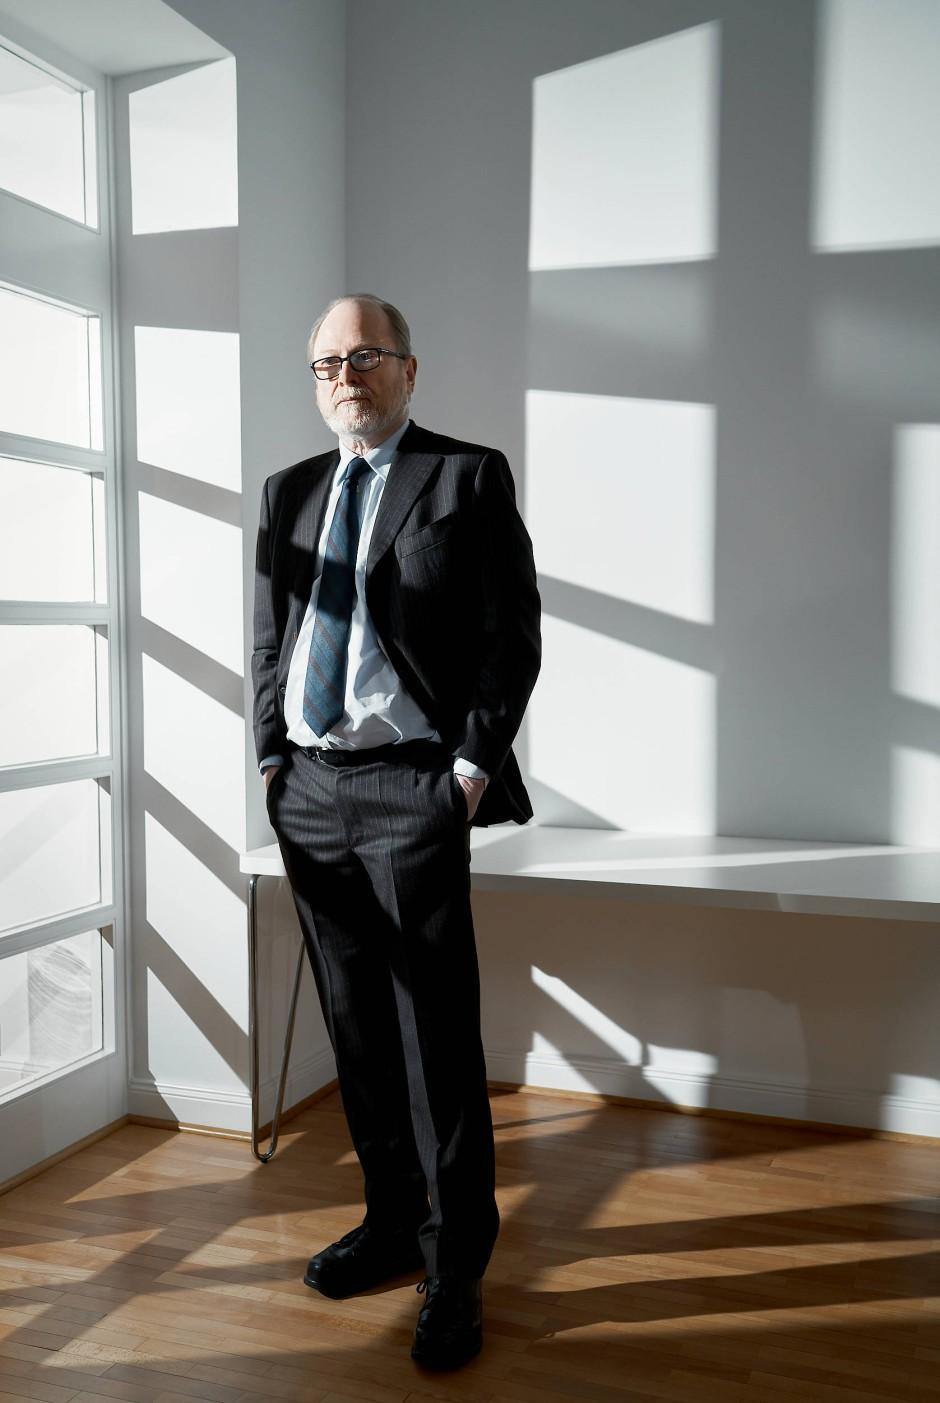 """Reemtsma in der Hamburger Stiftung zur Förderung von Wissenschaft und Kultur: """"Zivilisation ist immer gehemmtes Tun. Das ist anstrengend. Deswegen gibt es eine neidvolle Faszination für jemanden, der auf die Regeln pfeift."""""""